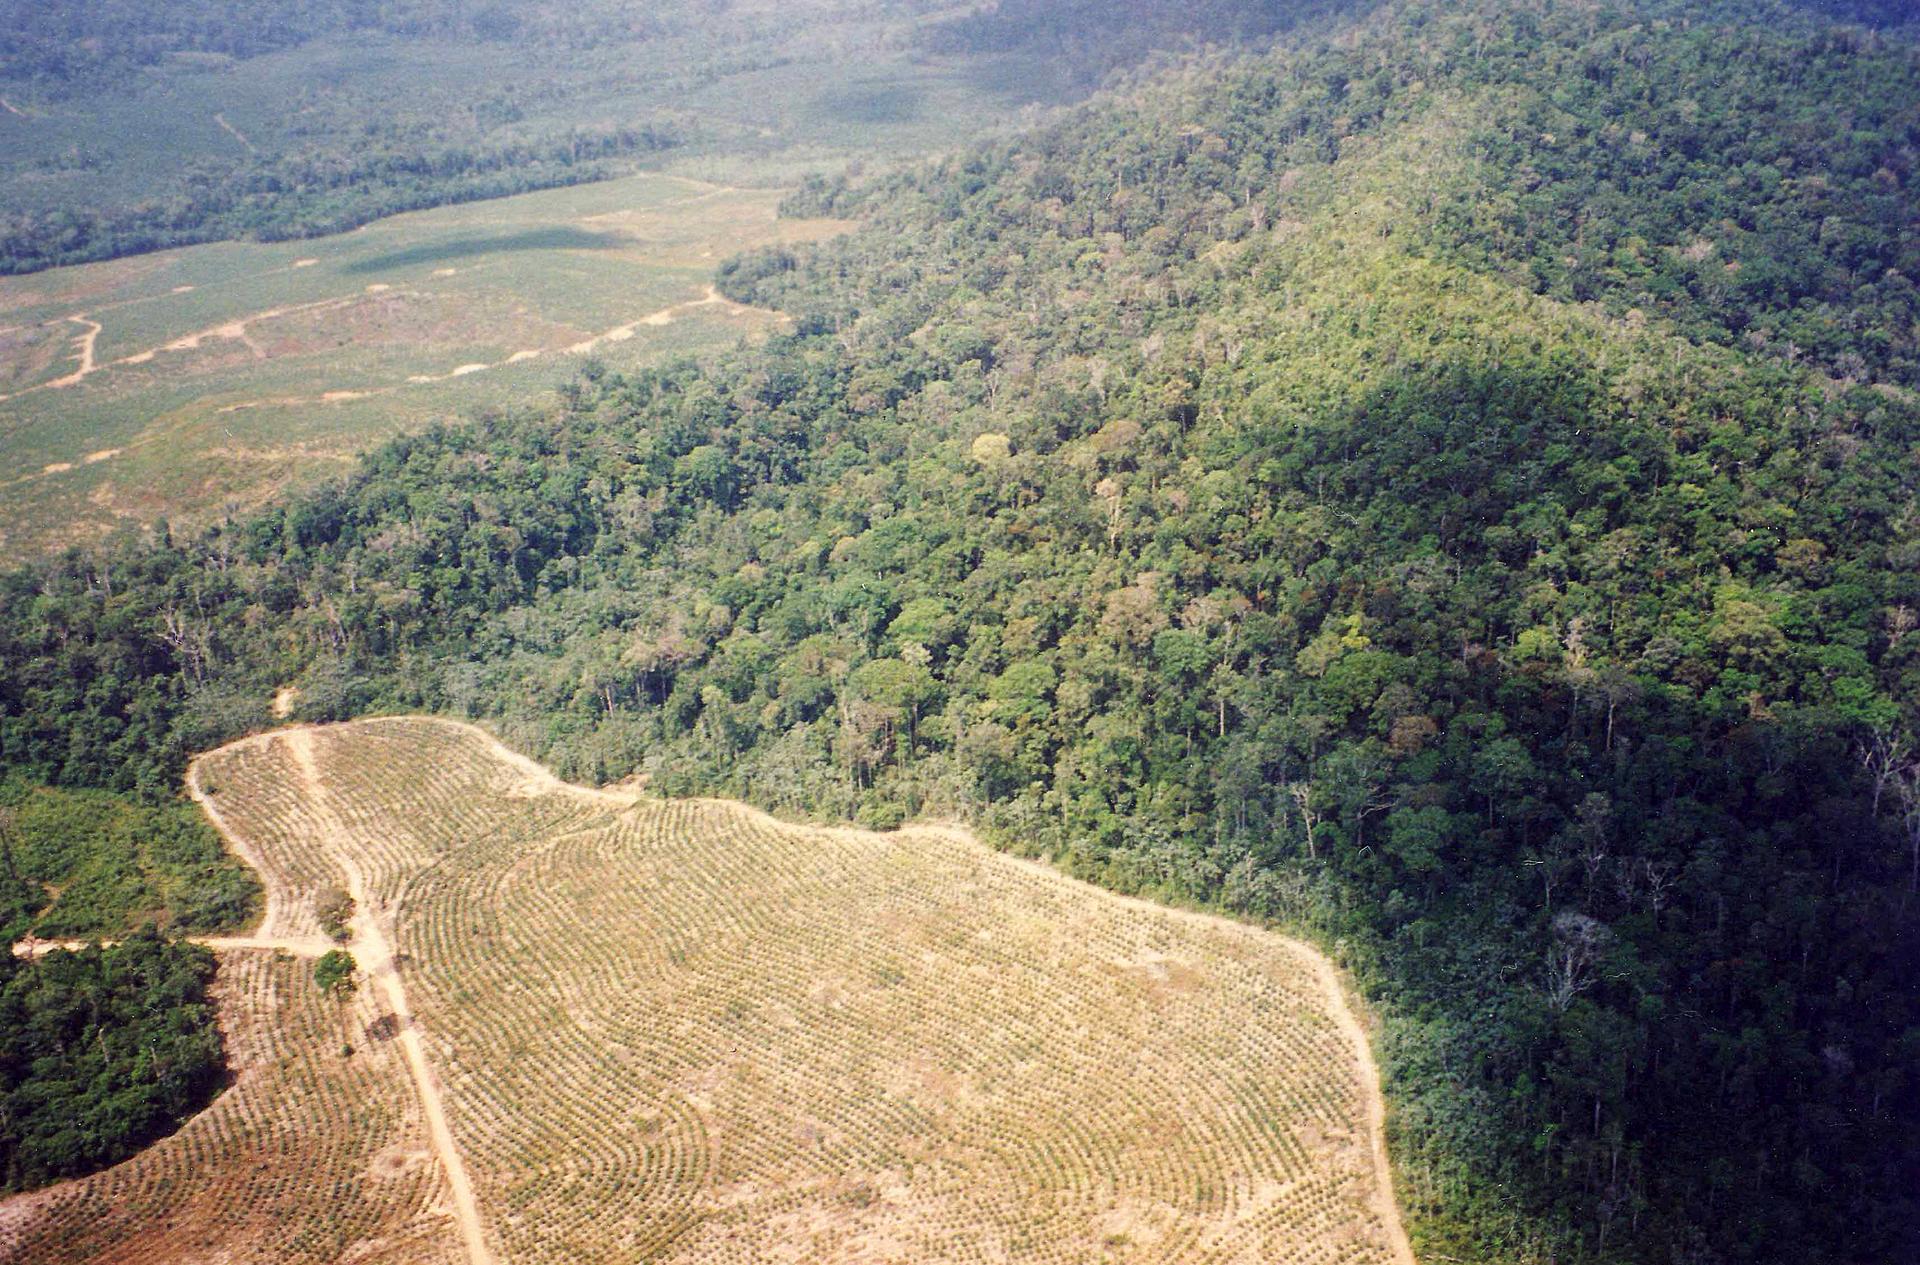 Zdjęcie lotnicze fragmentu Puszczy Amazońskiej. Zgóry widoczne wielkie połacie wyciętego lasu zamienione wpola uprawne.